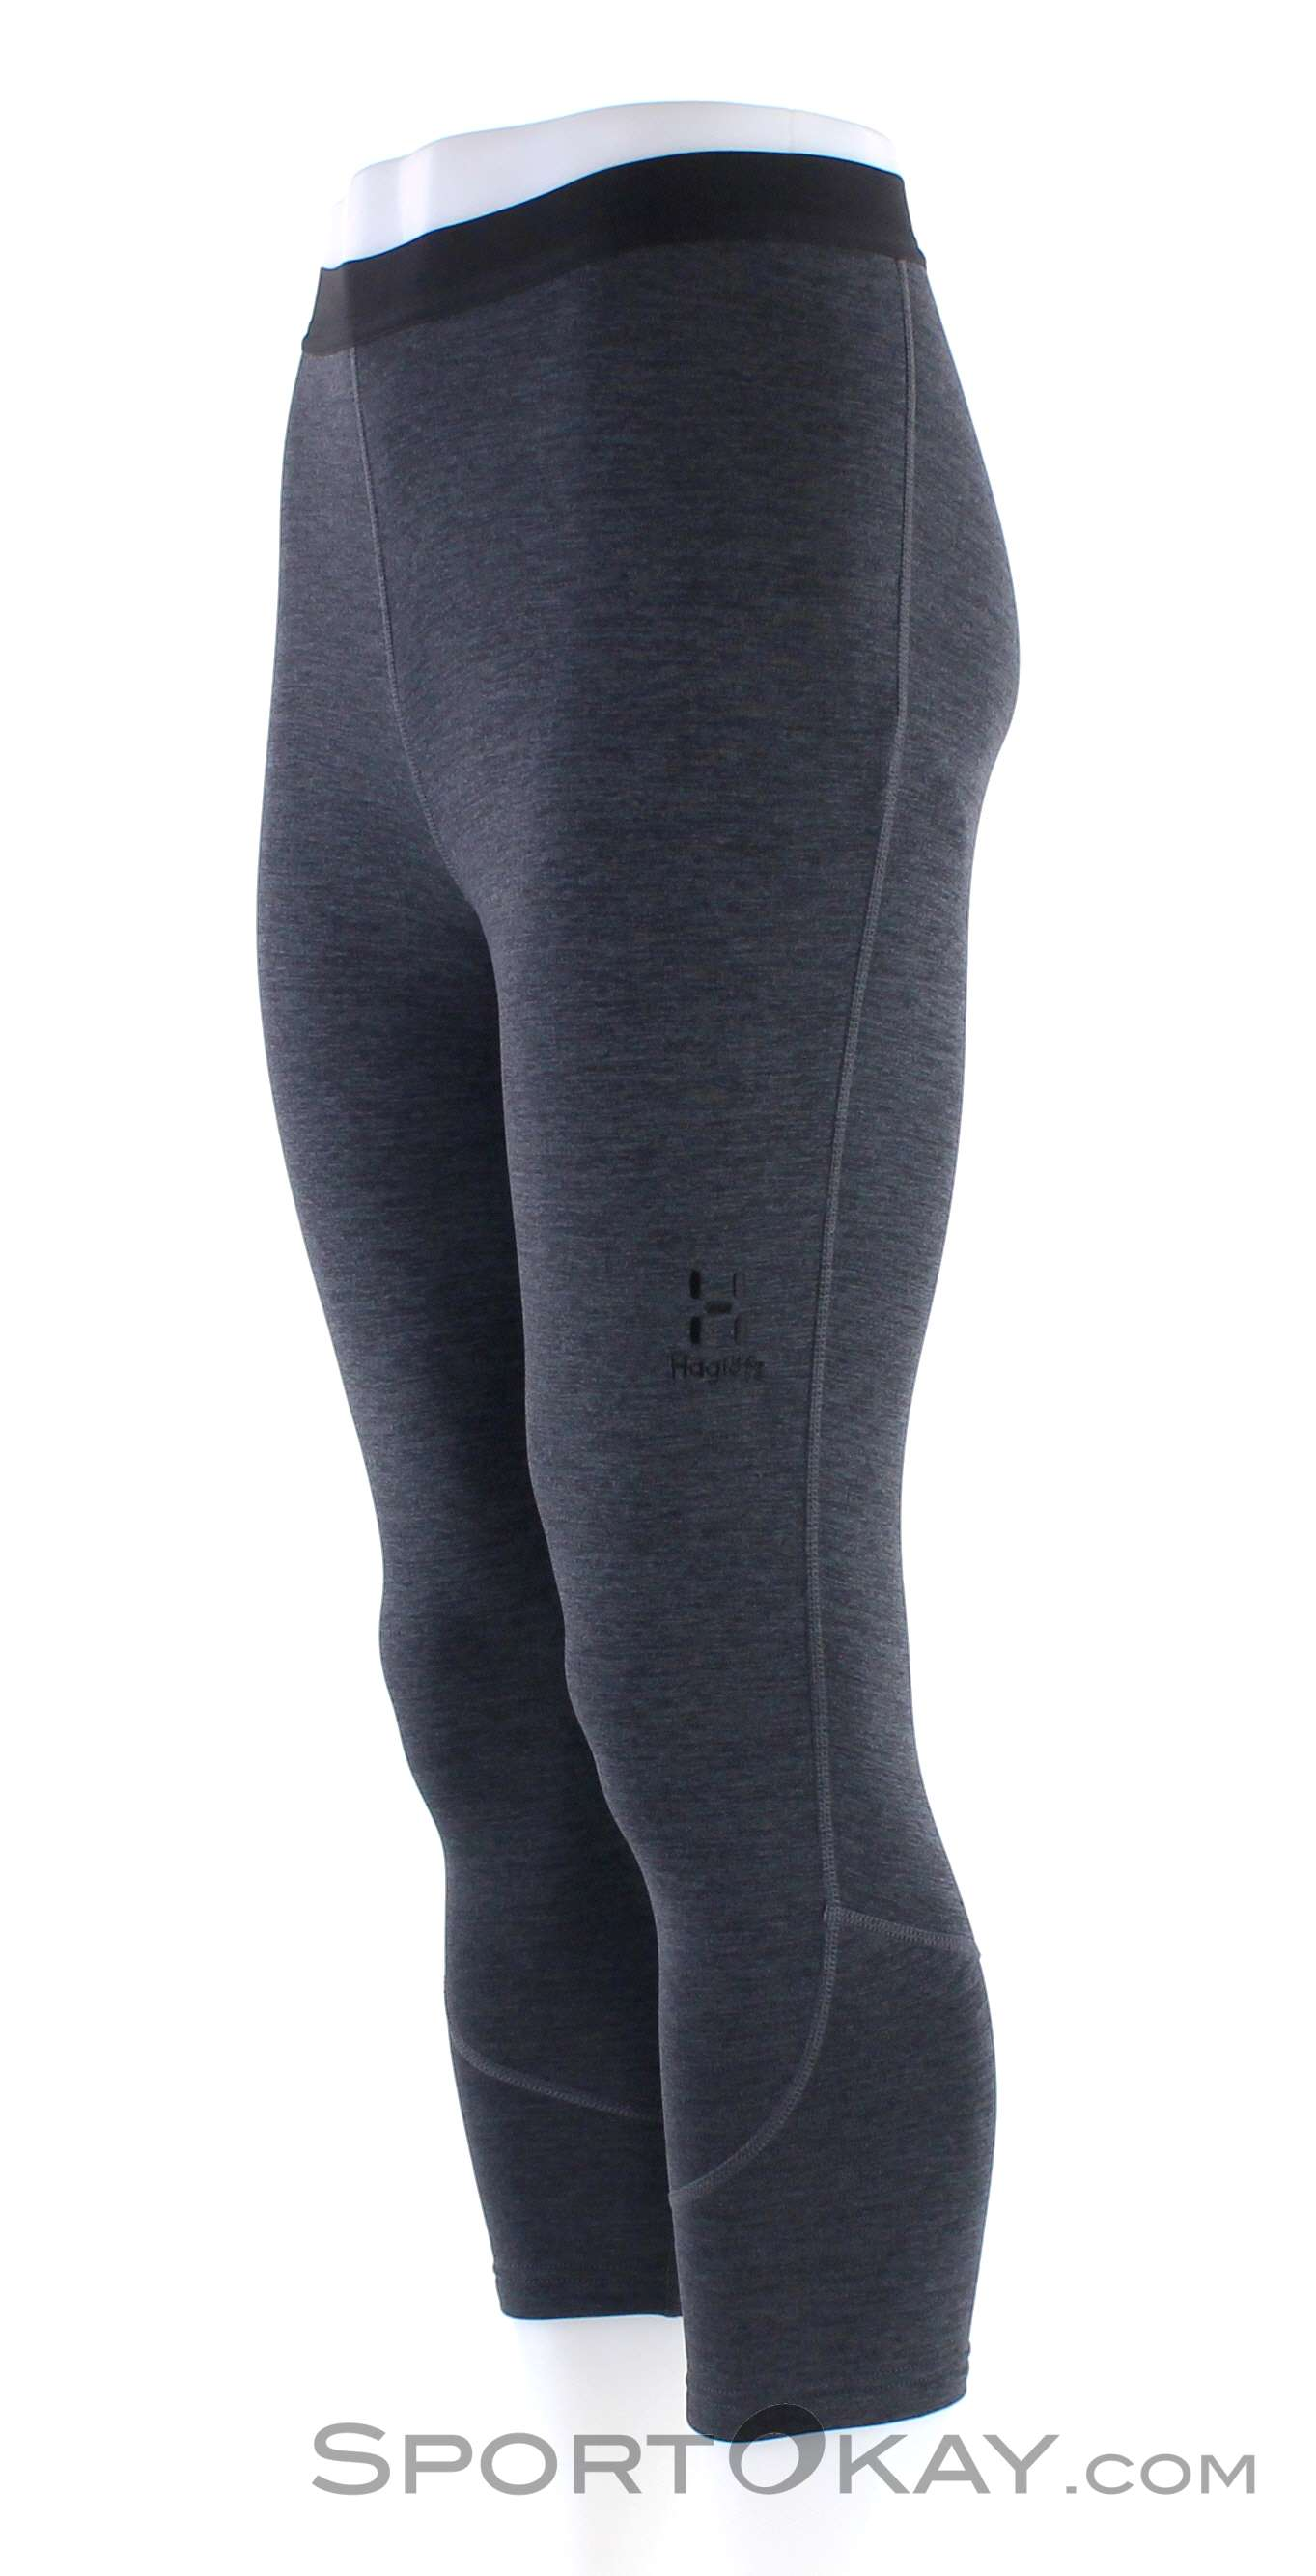 Hagl/öfs Heron Knee Tights W